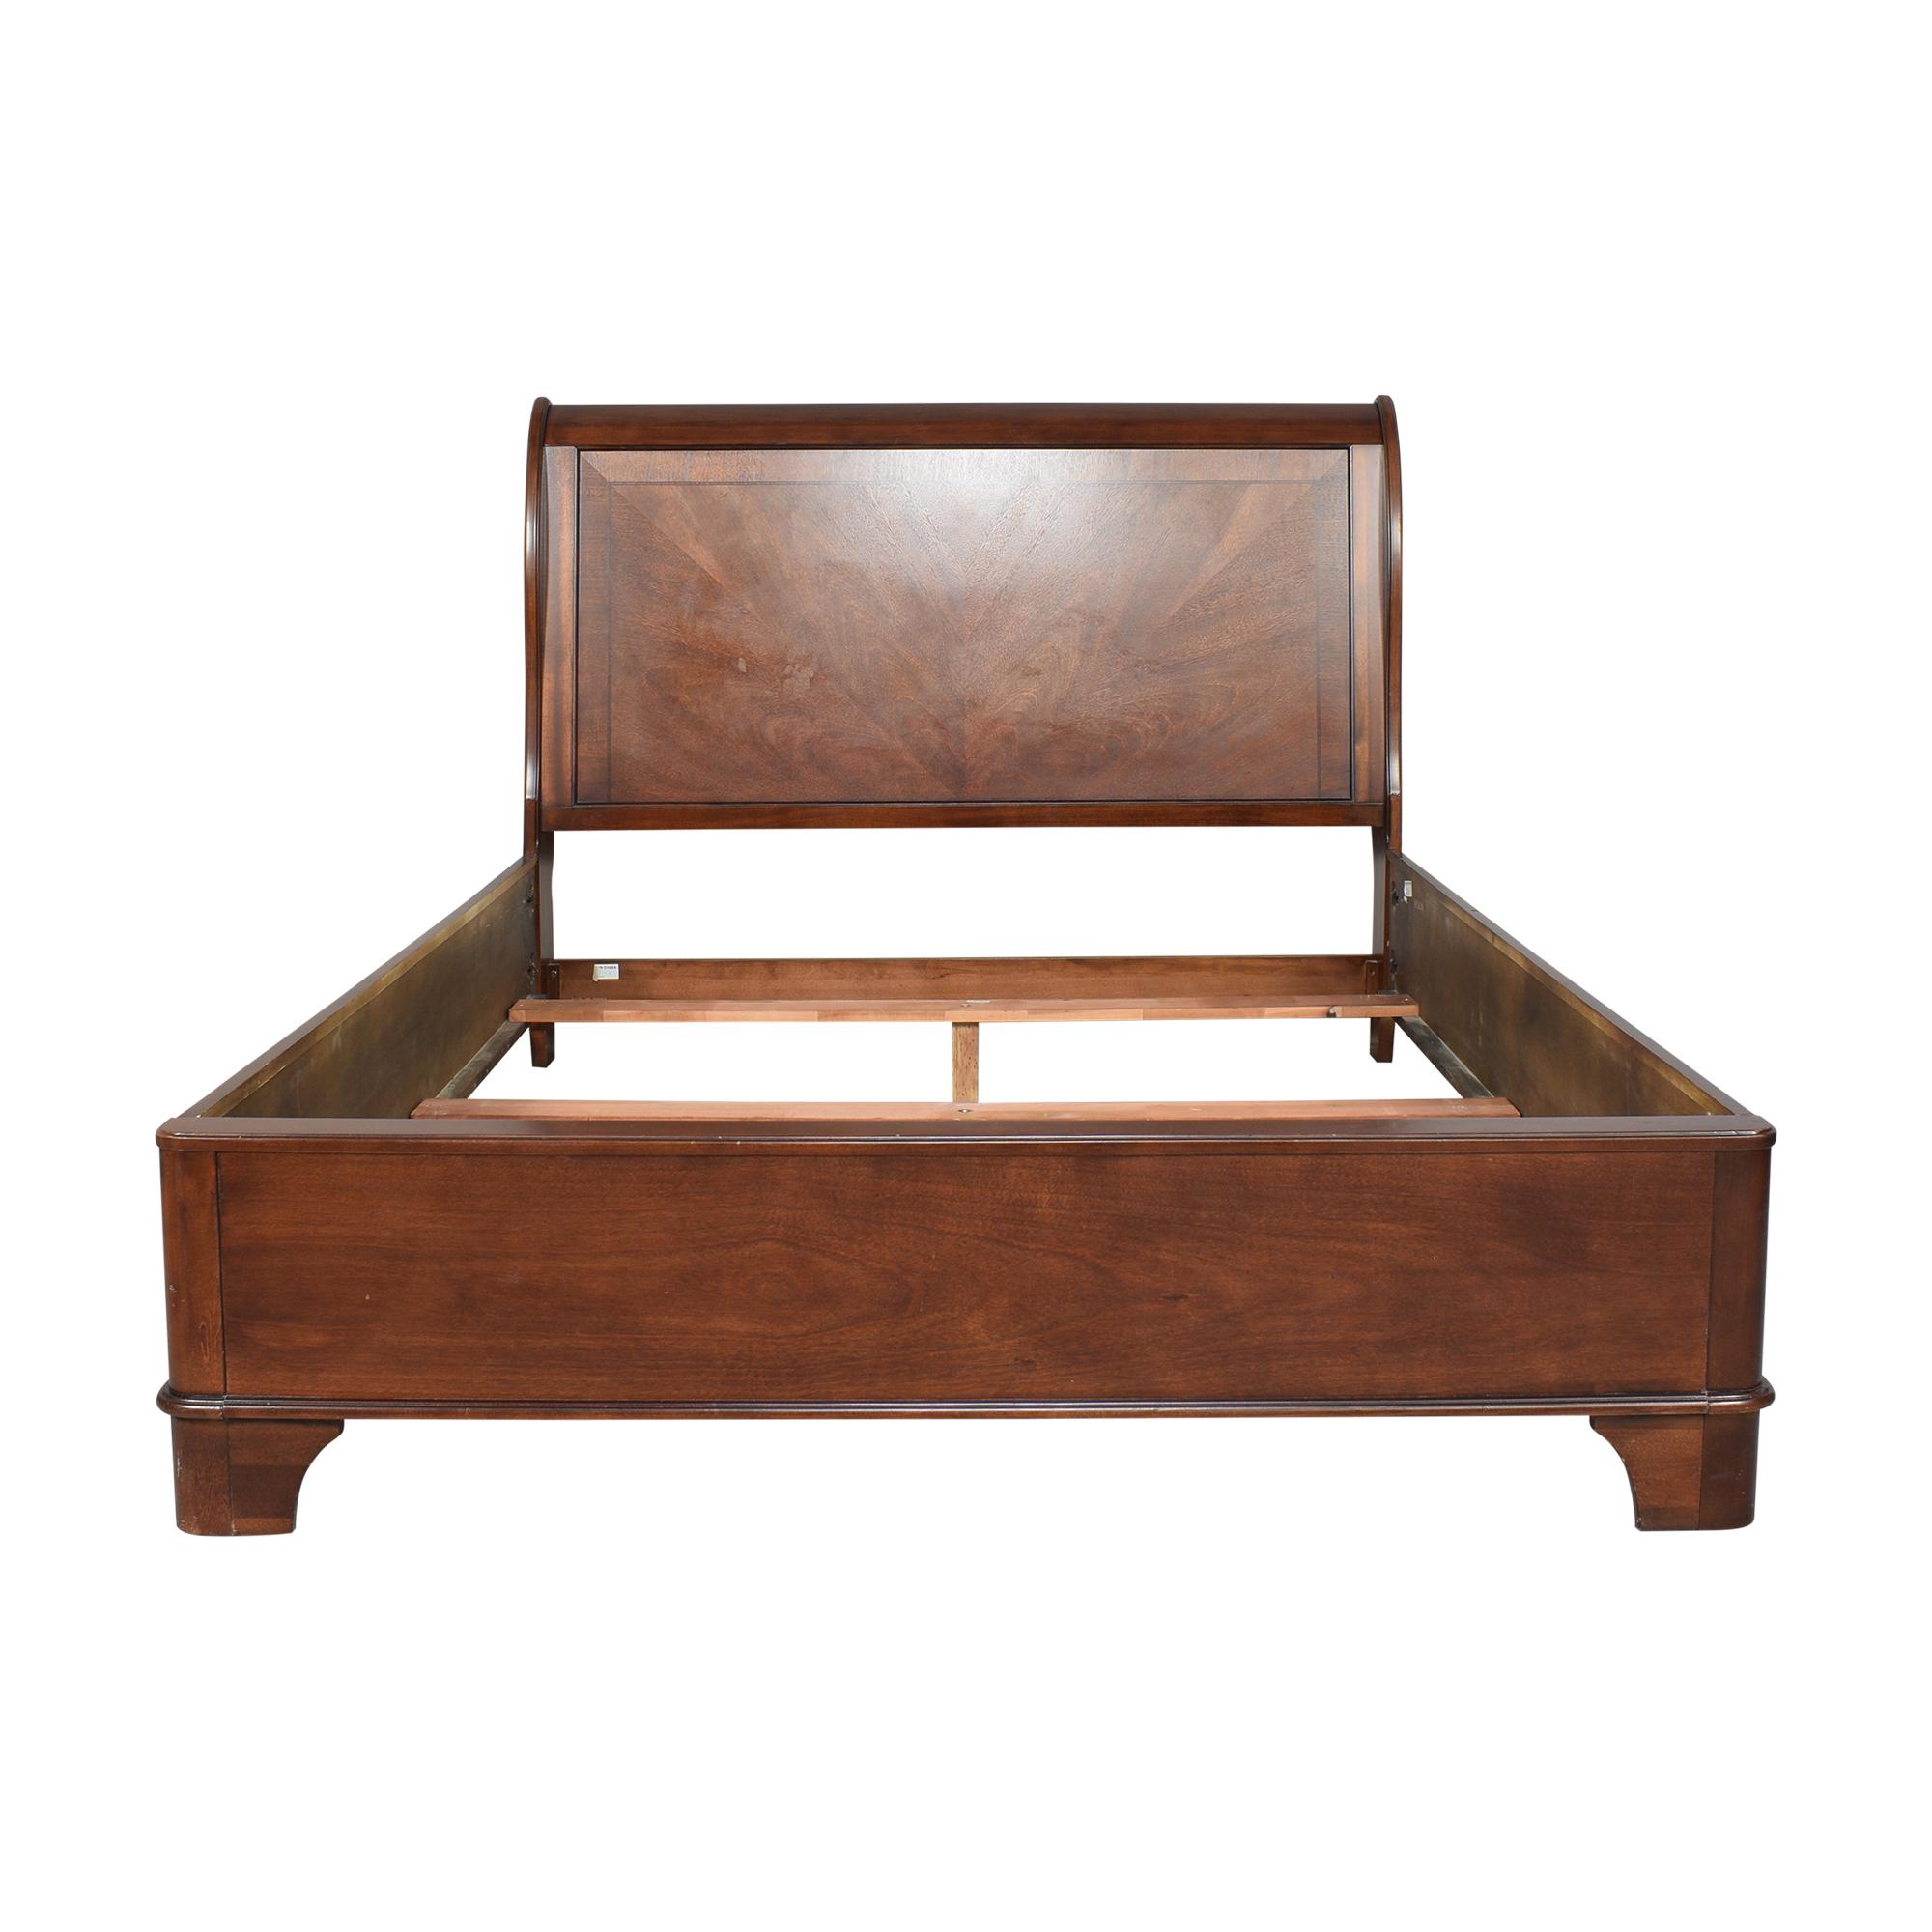 Macy's Macy's Queen Panel Bed price